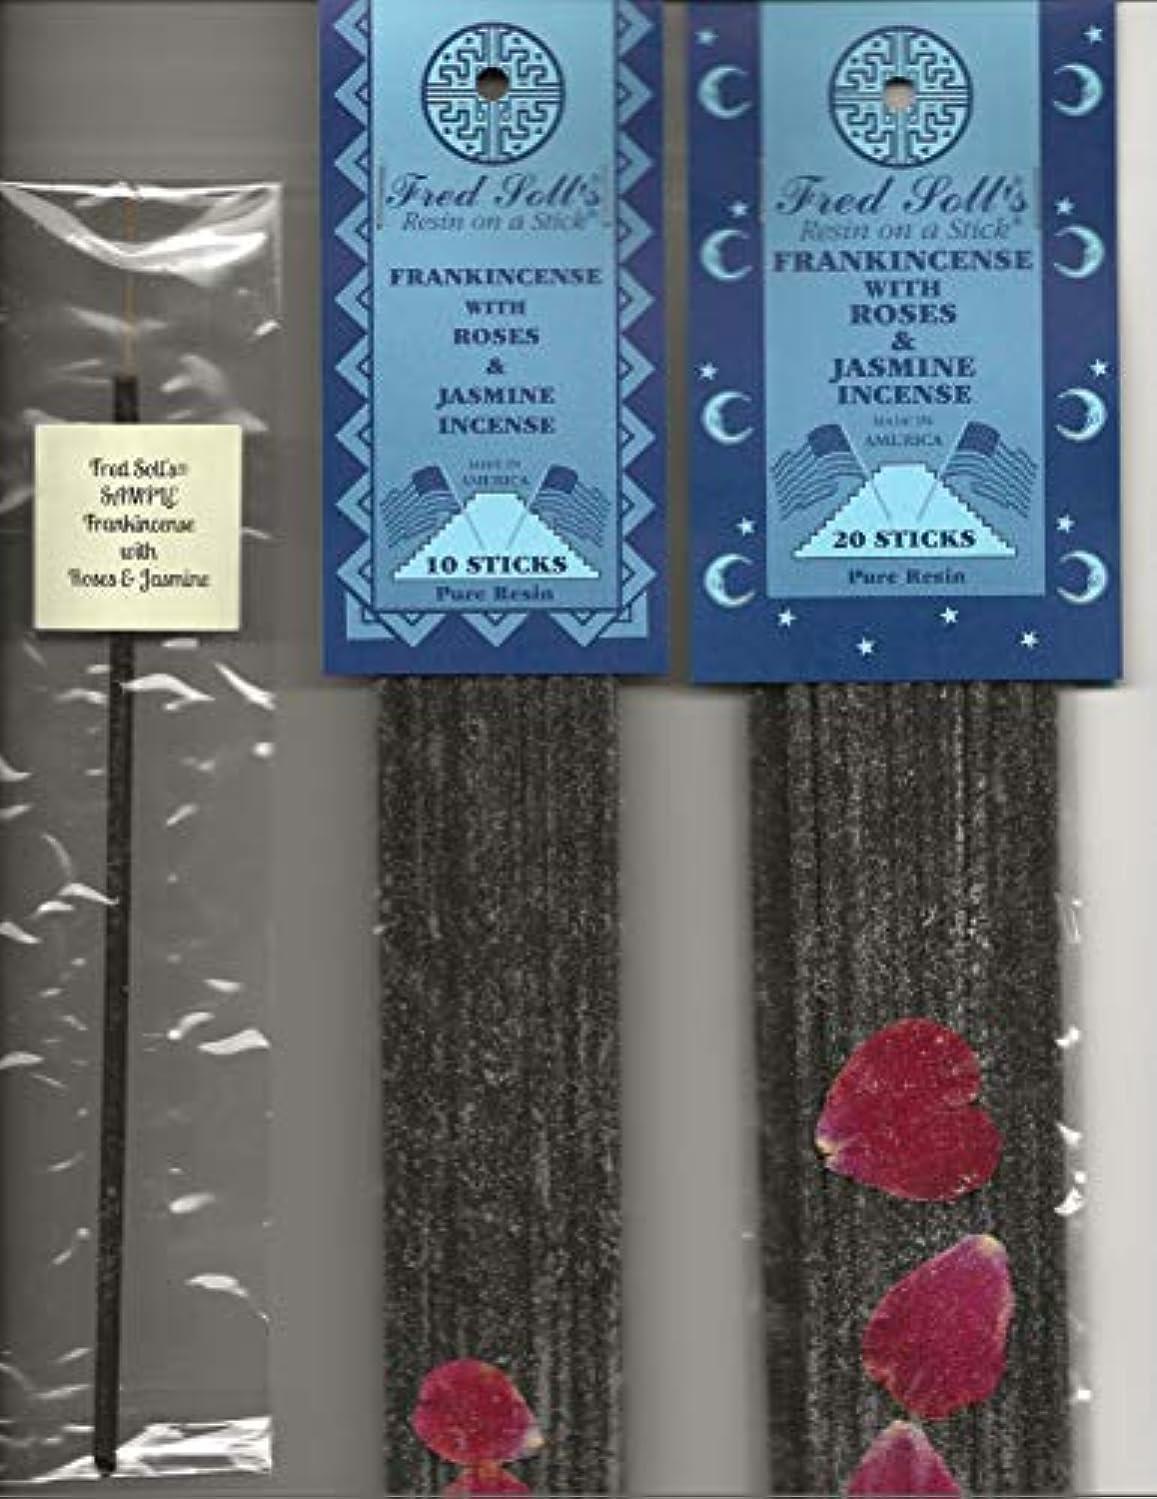 コンテスト知性ファウルFred Soll 's Frankincense with Roses &ジャスミンお香、20 Sticks